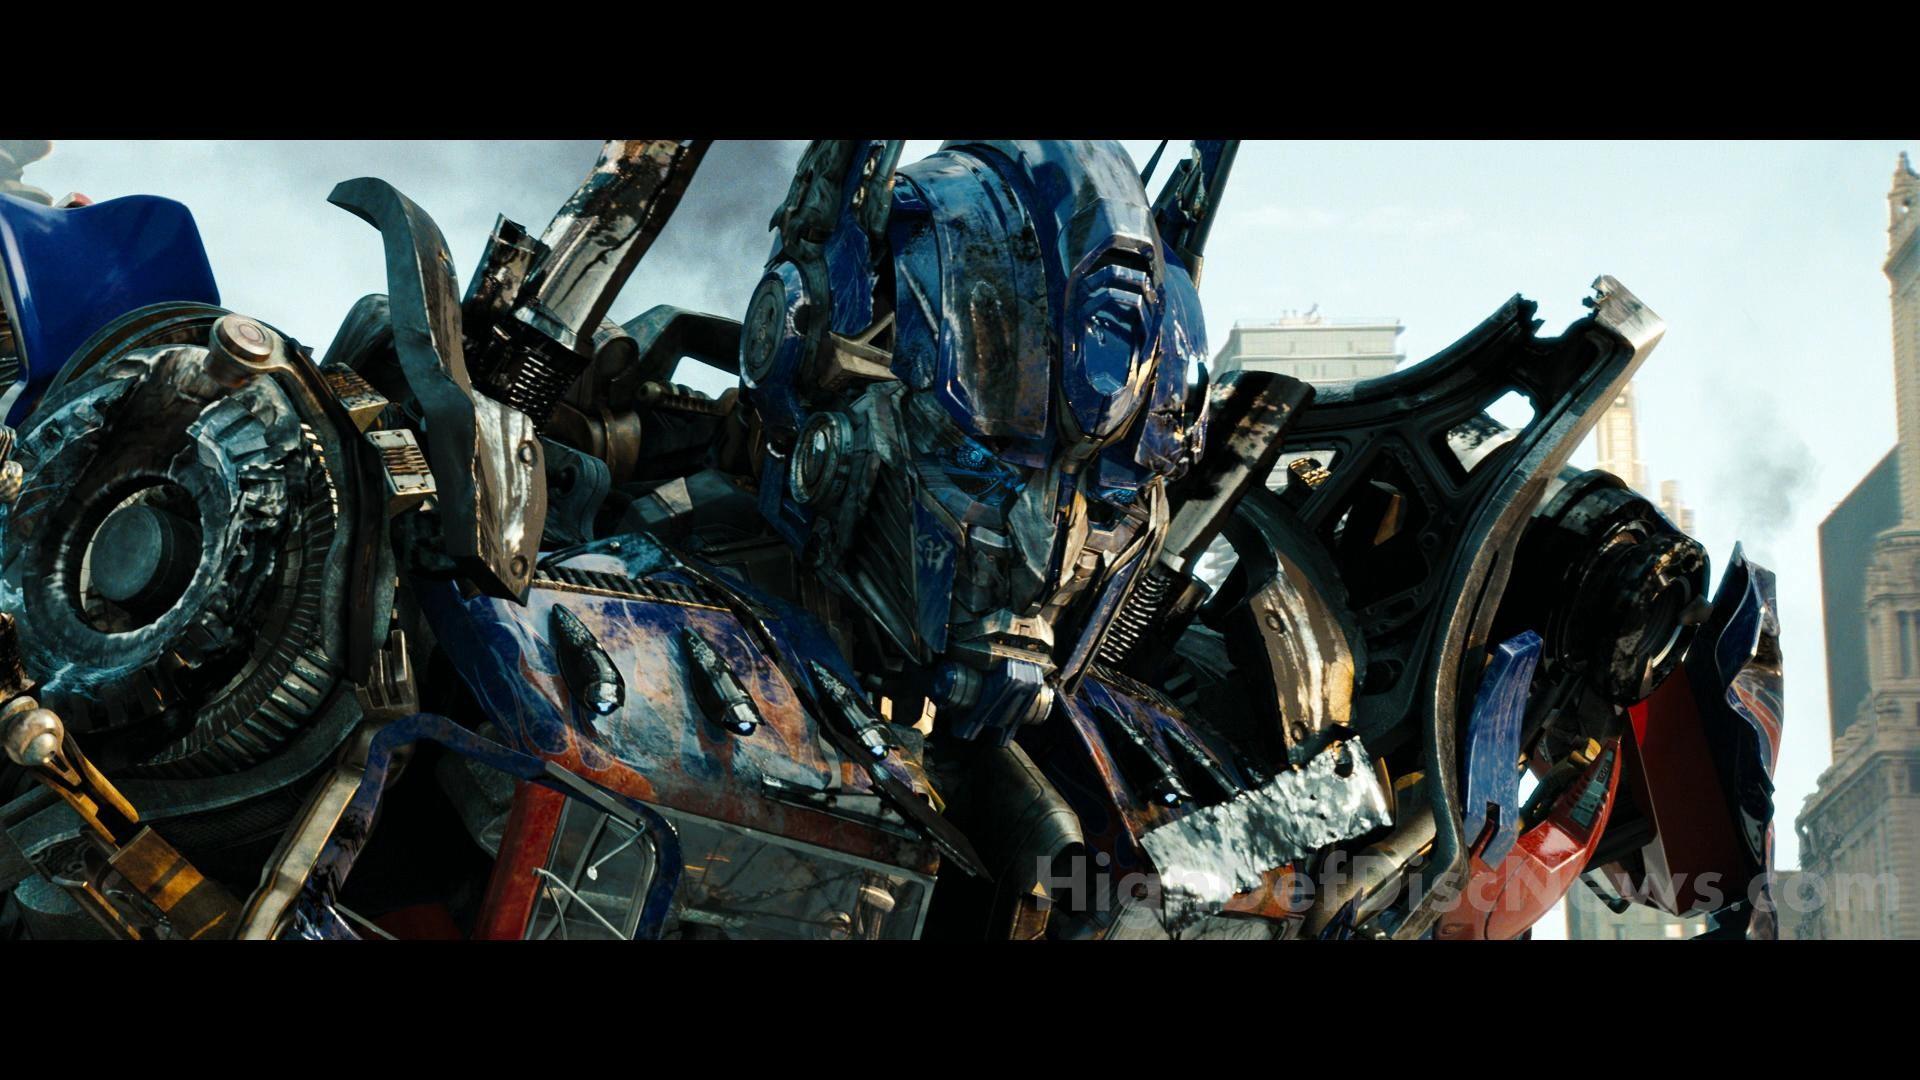 Optimus Prime Free Wallpaper Images 2940 HD Desktop Wallpaper .